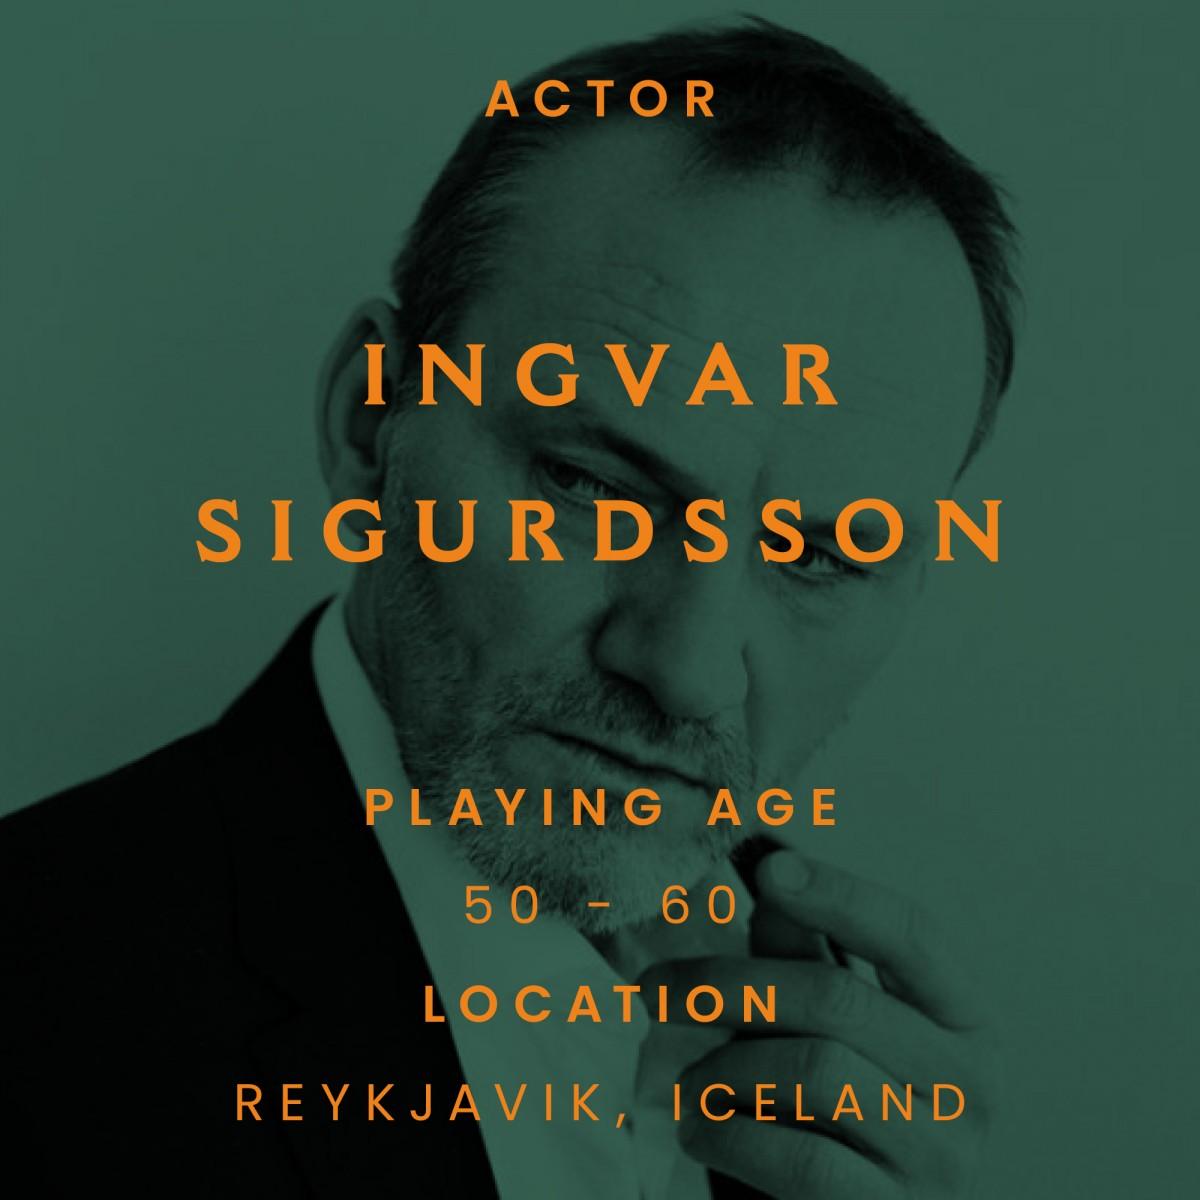 Ingvar Sigurdsson, actor, iceland